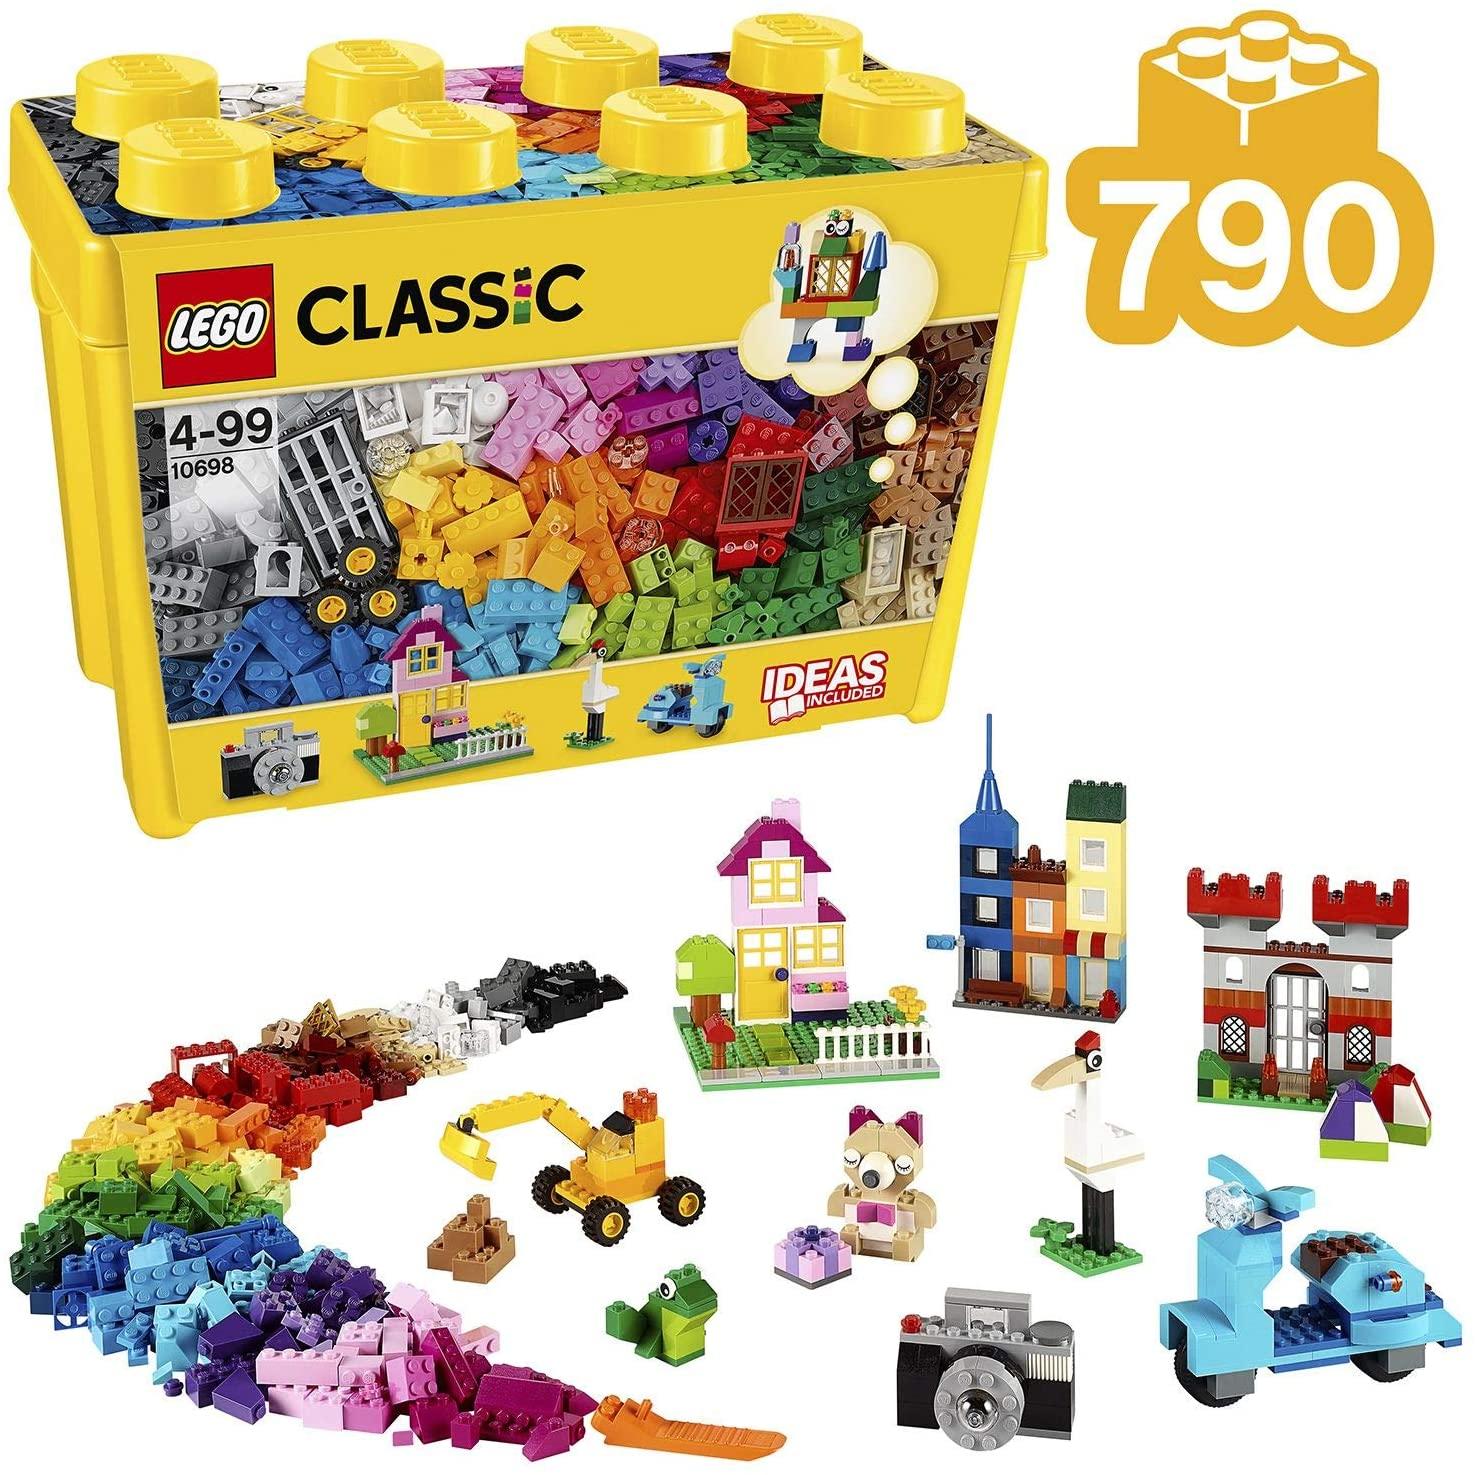 Mã Ưu Đãi Khi Mua Đồ Chơi LEGO Thùng Gạch Lớn Classic Sáng Tạo 10698